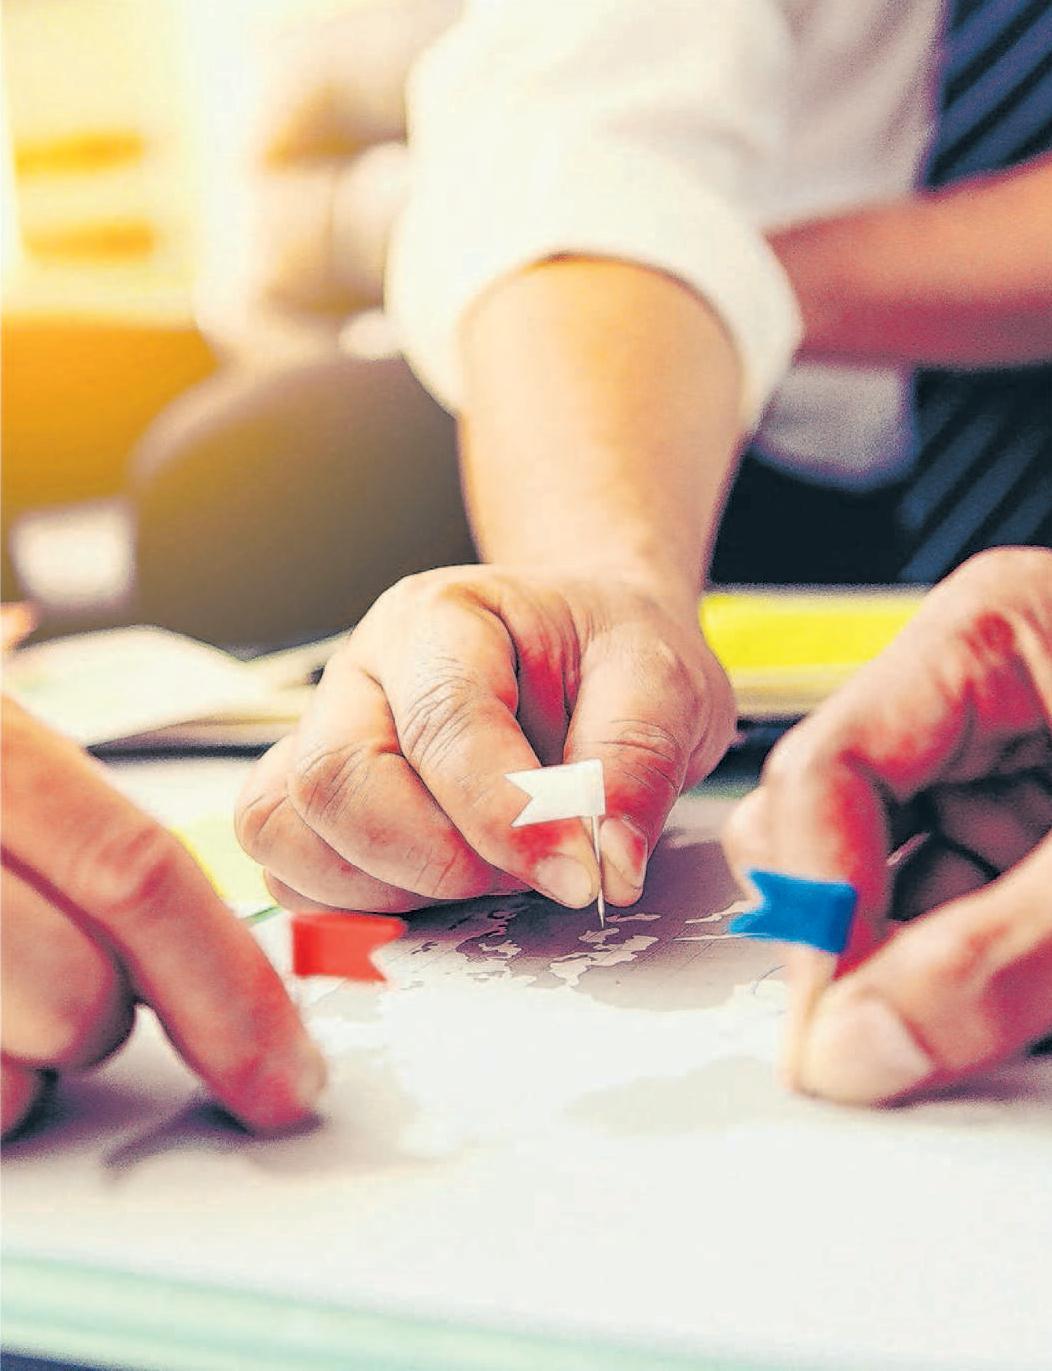 Auf der Suche nach dem perfekten Standort für die Geschäftstätigkeit. Foto: Panumas Yanuthai/shutterstock.com